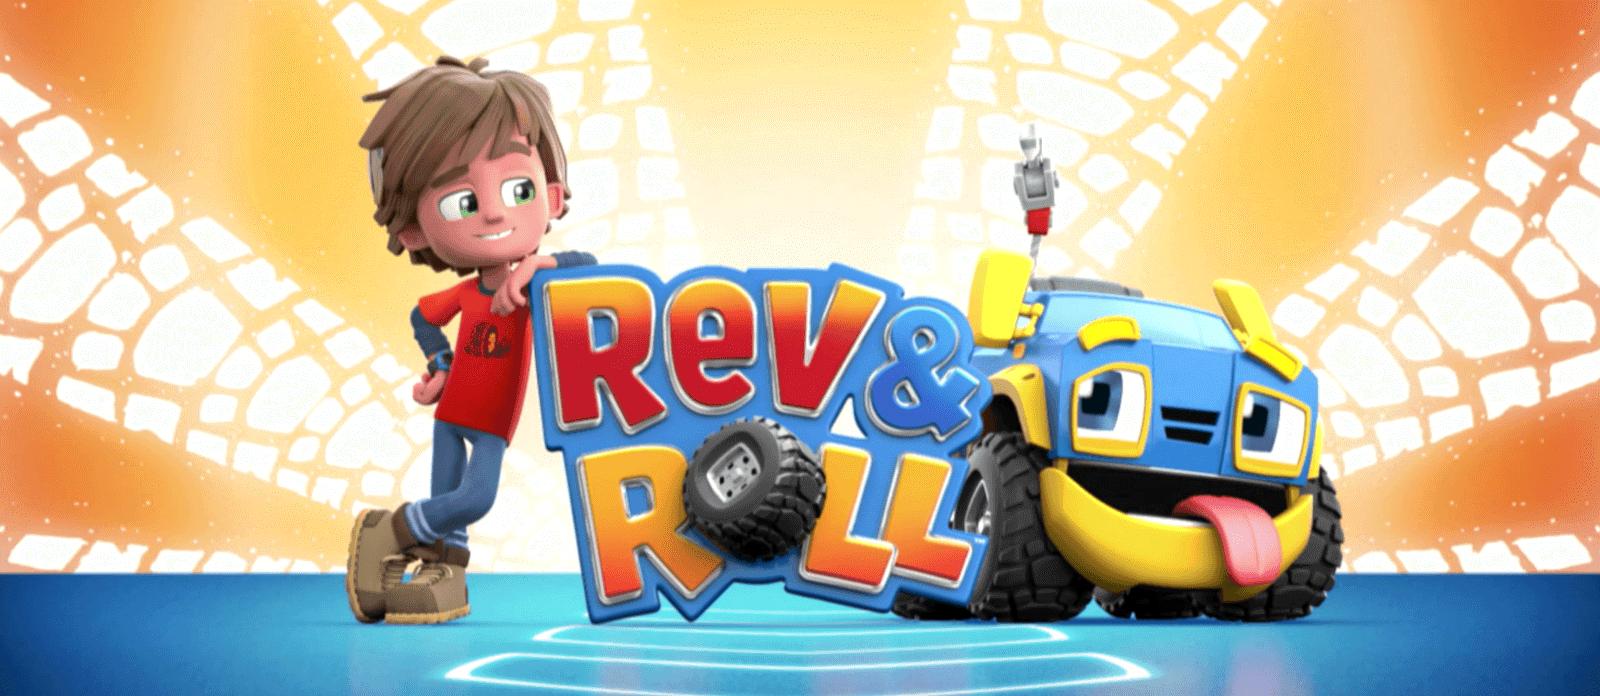 Rev&Roll EU881021 Фигурка+машинка (метал) - Эйвери и Элли